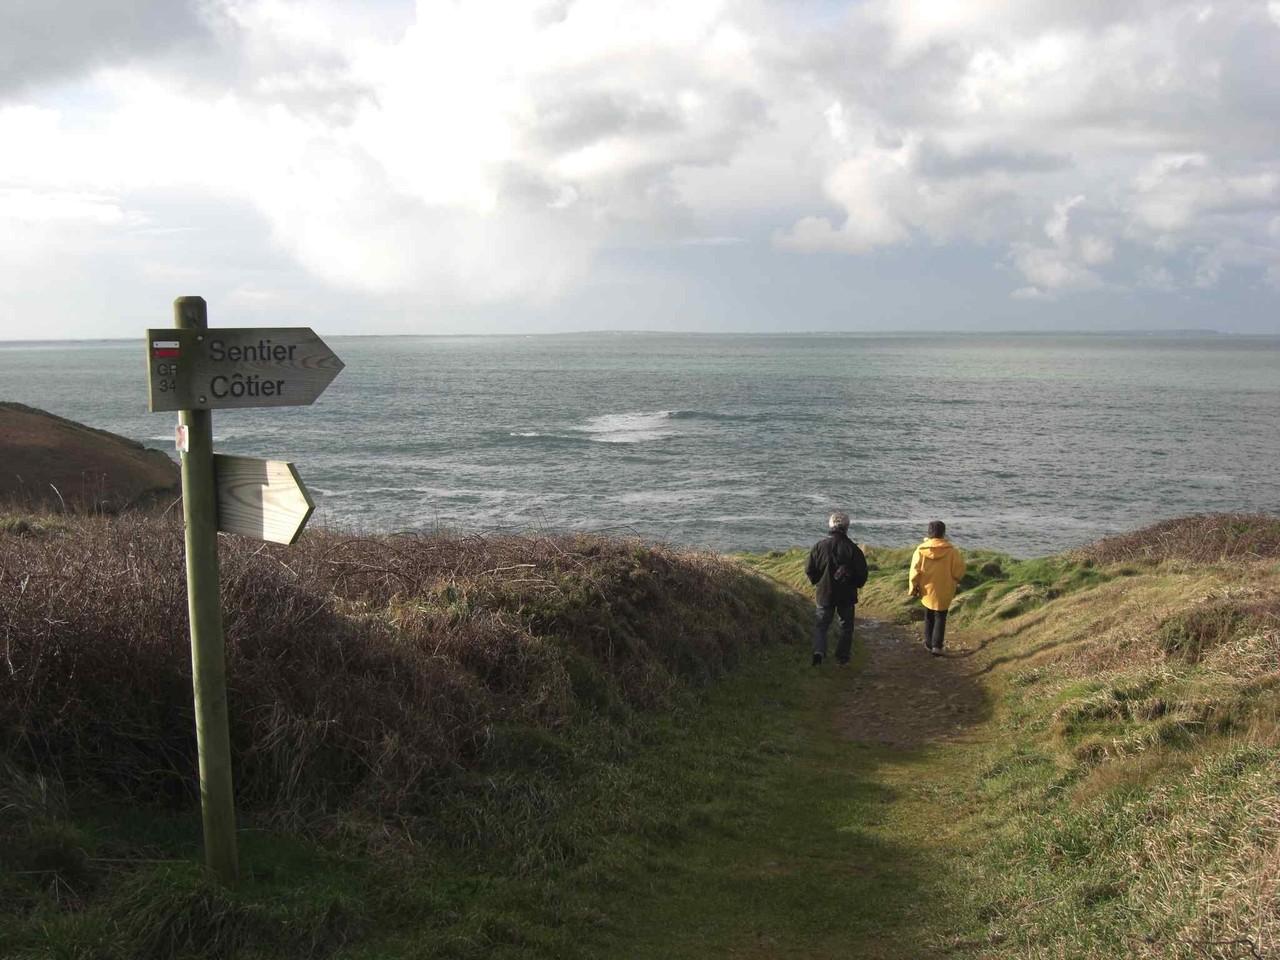 Les sentiers de randonnées du GR34 à seulement 300 mètres des villas